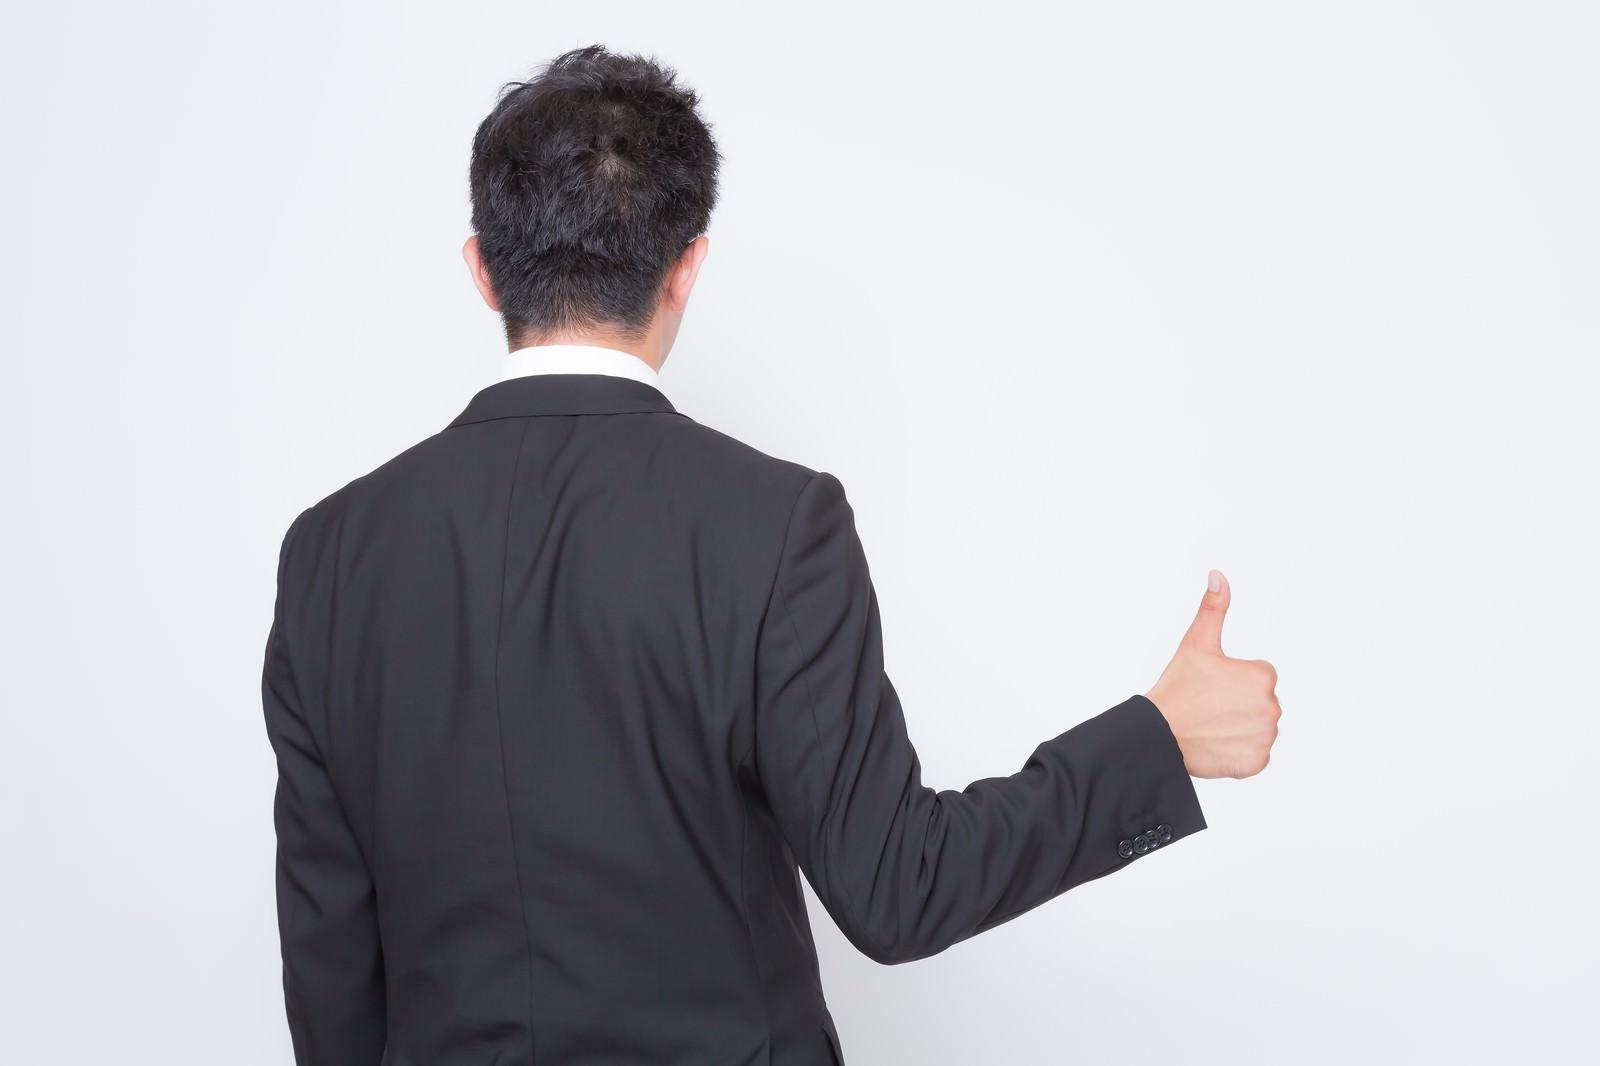 「男なら背中でいいね!を語れ。男なら背中でいいね!を語れ。」[モデル:OZPA]のフリー写真素材を拡大